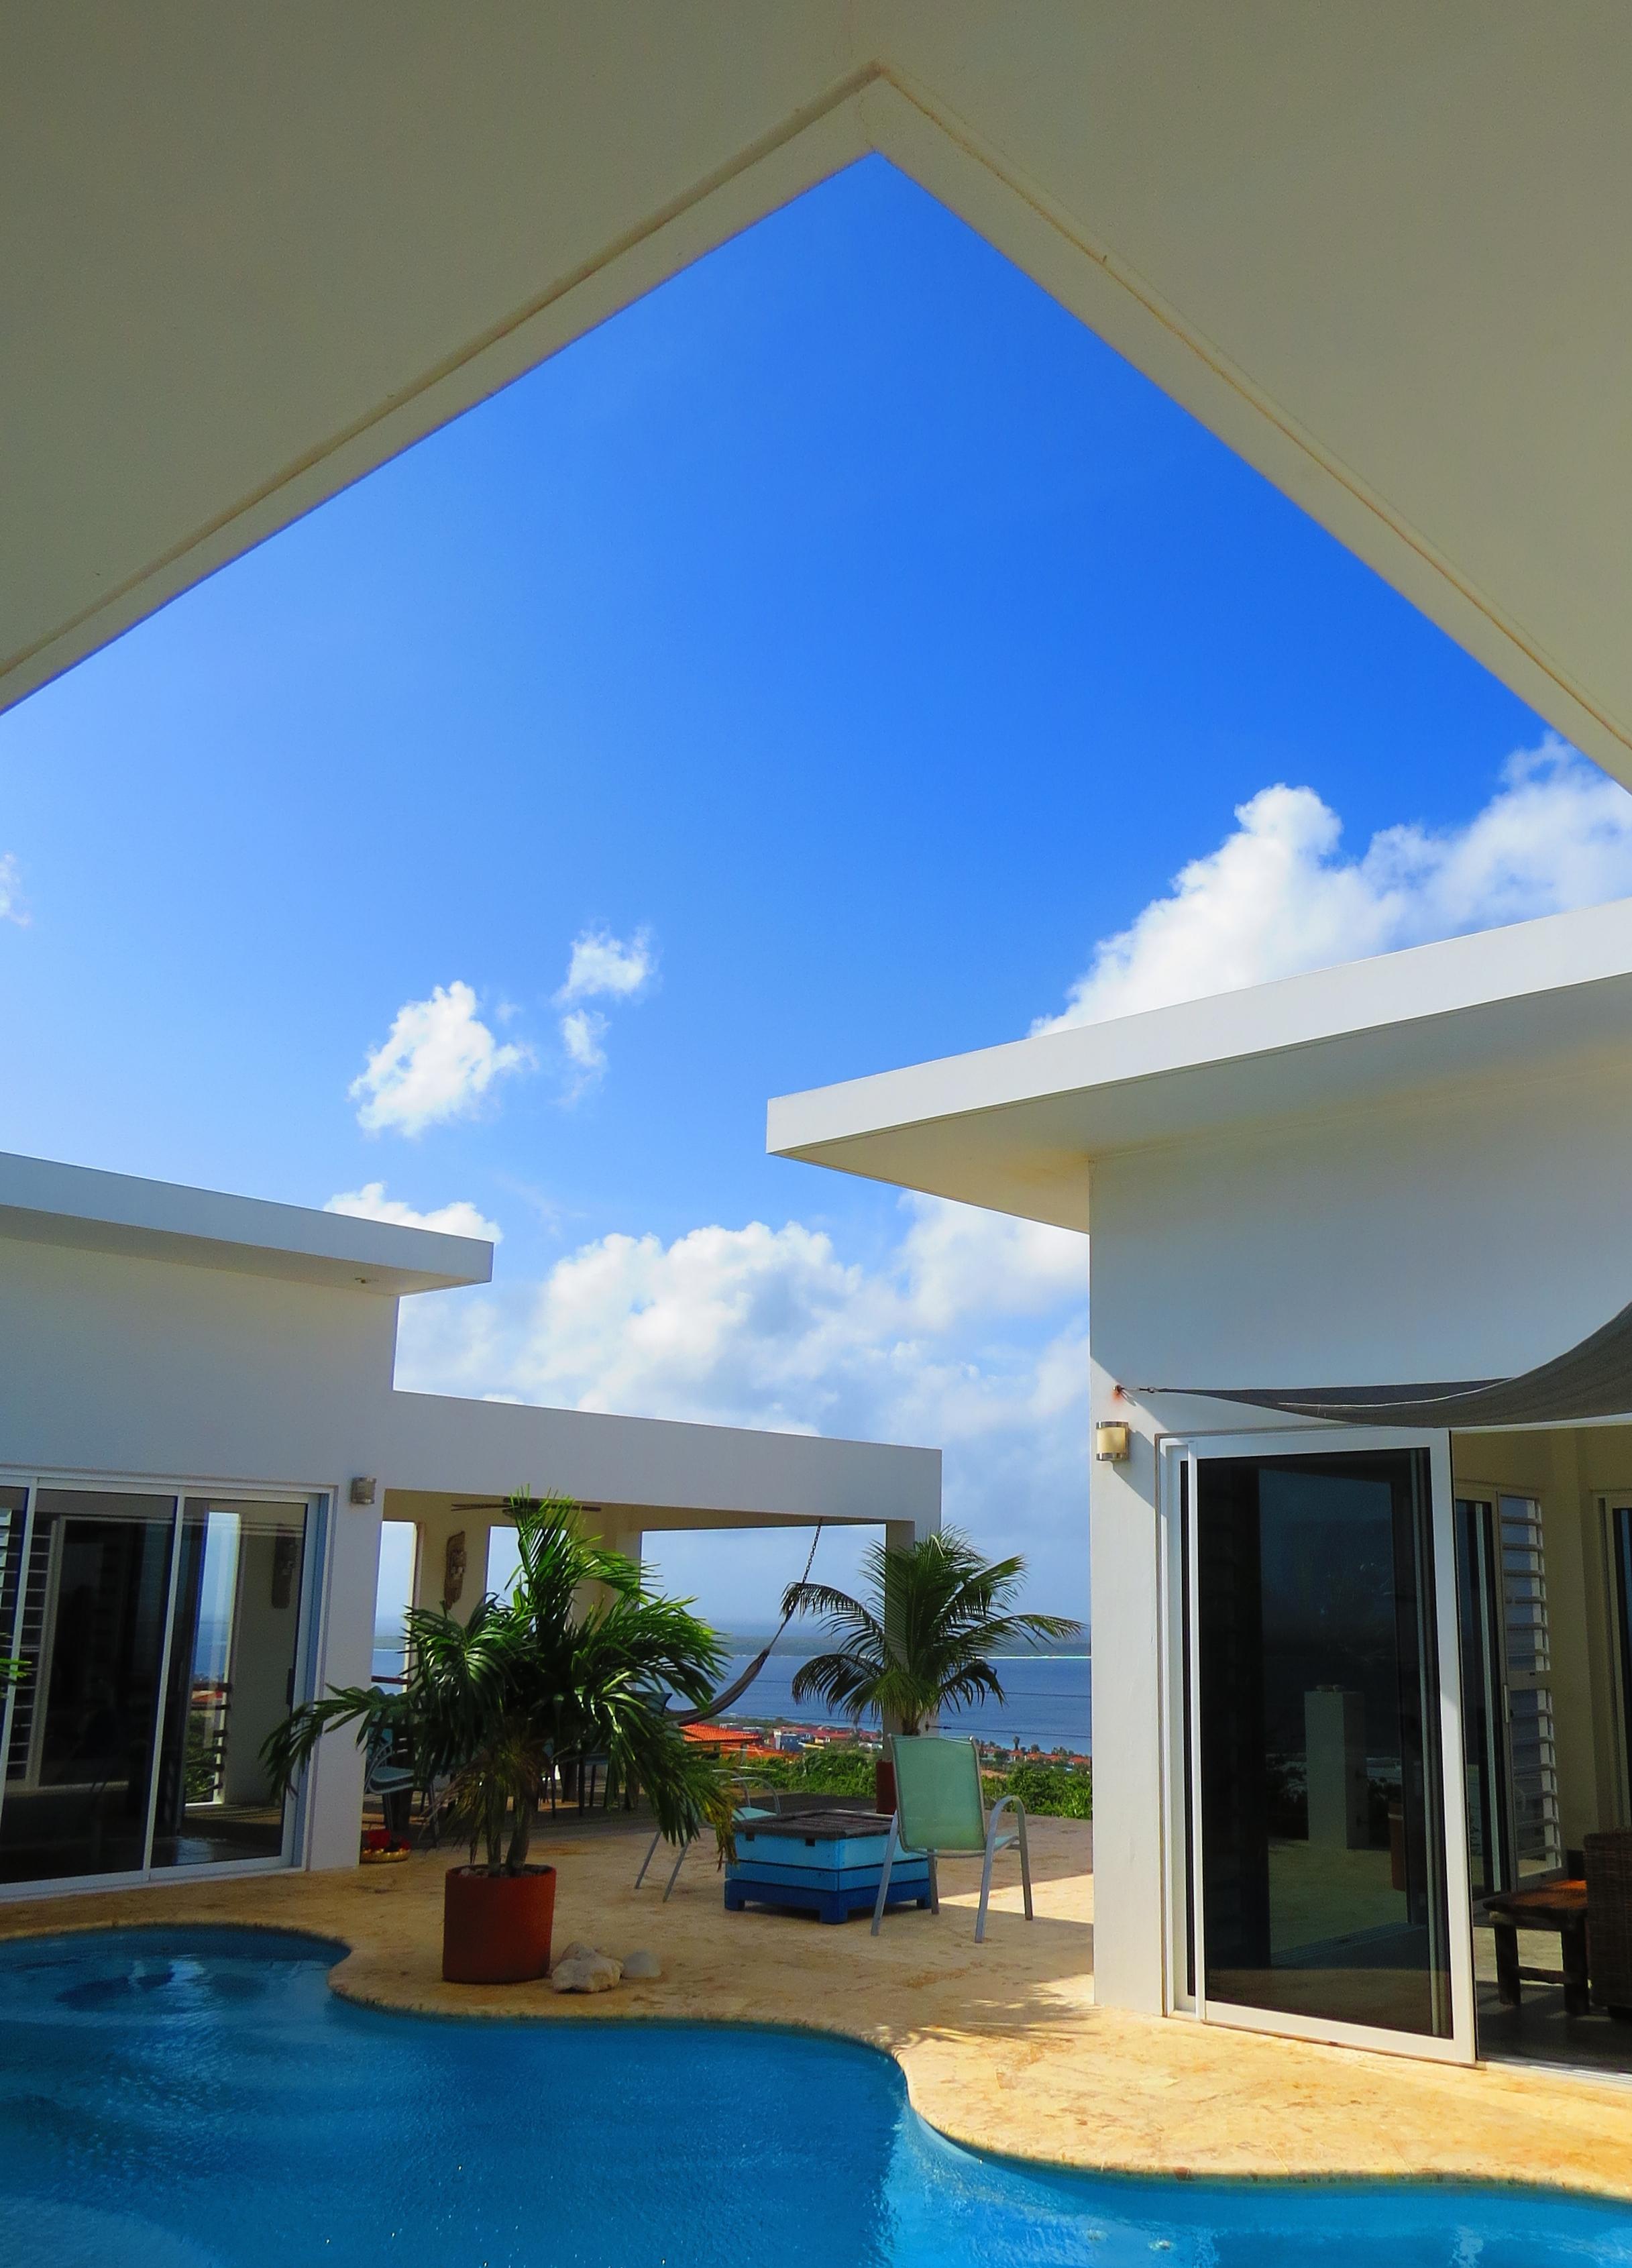 Blue pool, blue skies